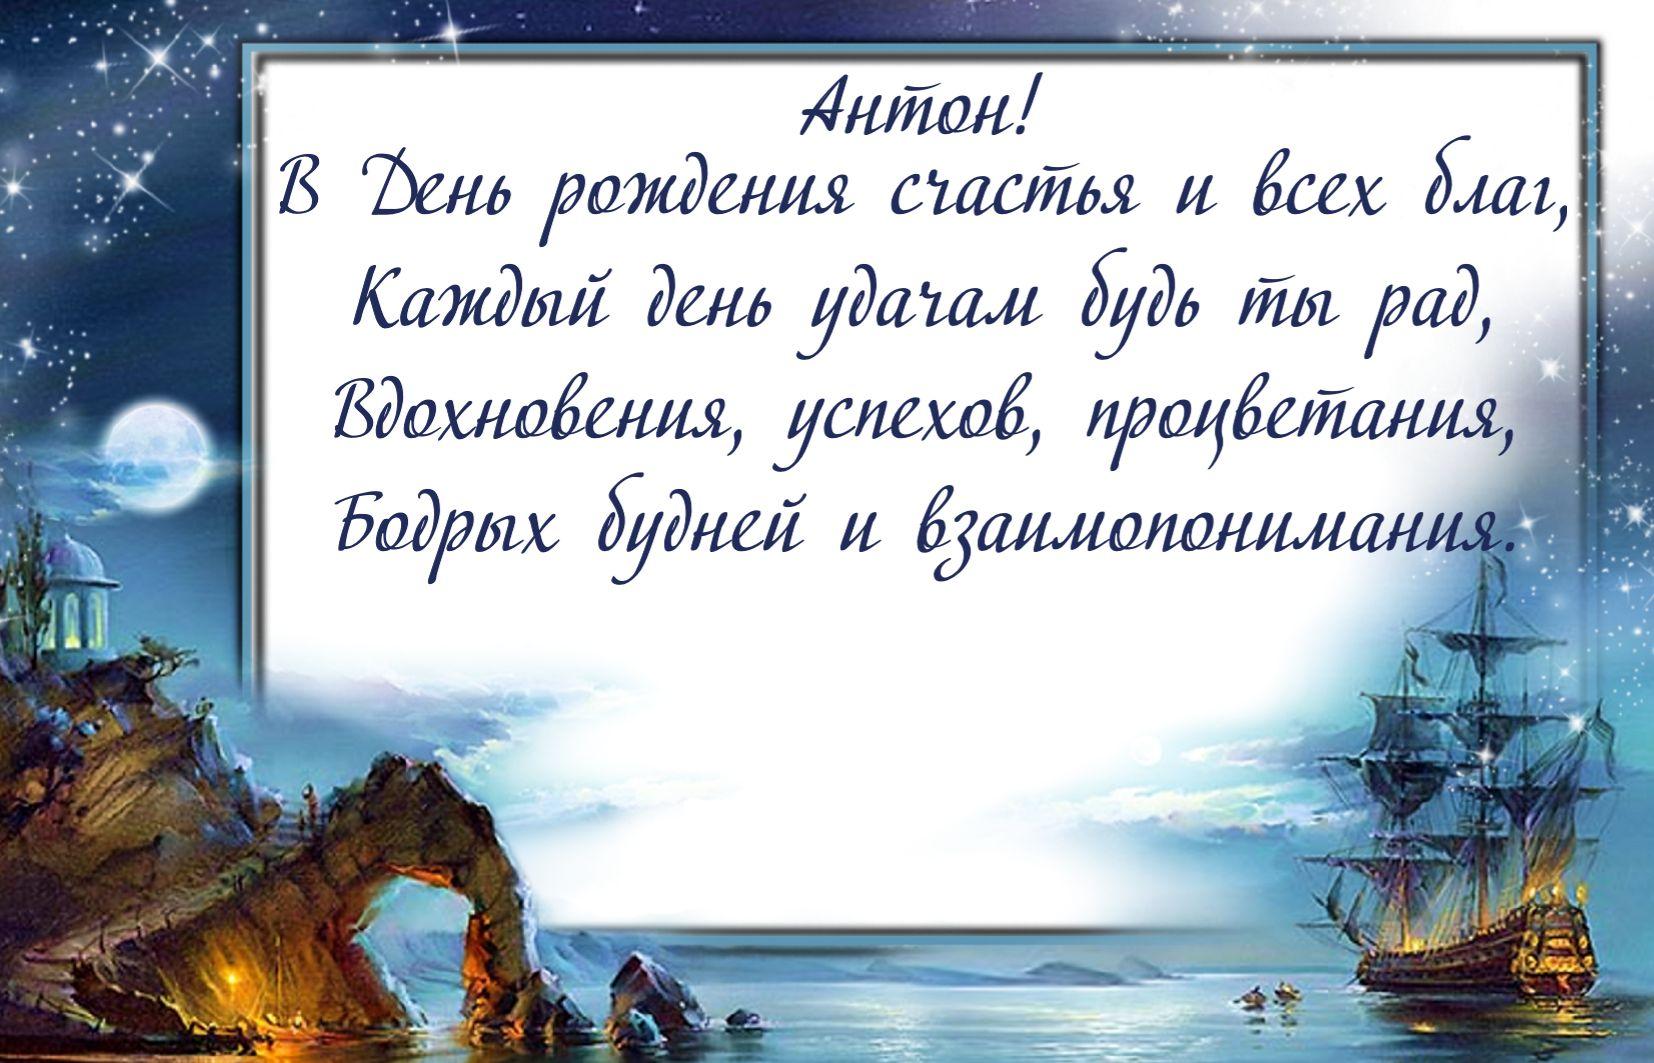 Поздравить мальчика антона с днем рождения в стихах